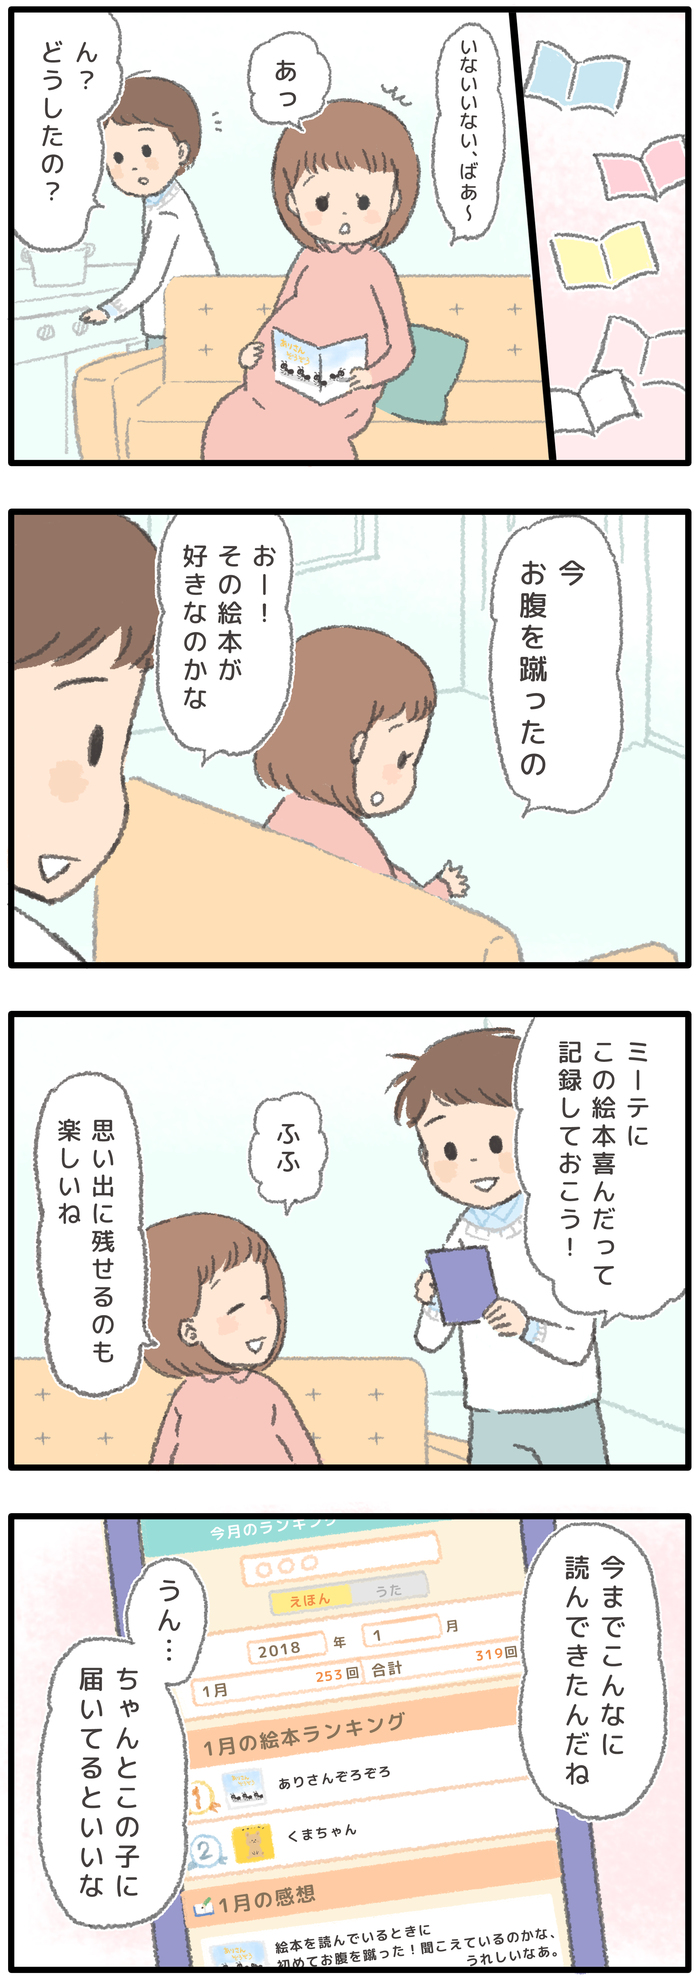 「妊娠中から始めて良かった」ママとパパがそう思った、親になるための準備とは?の画像5